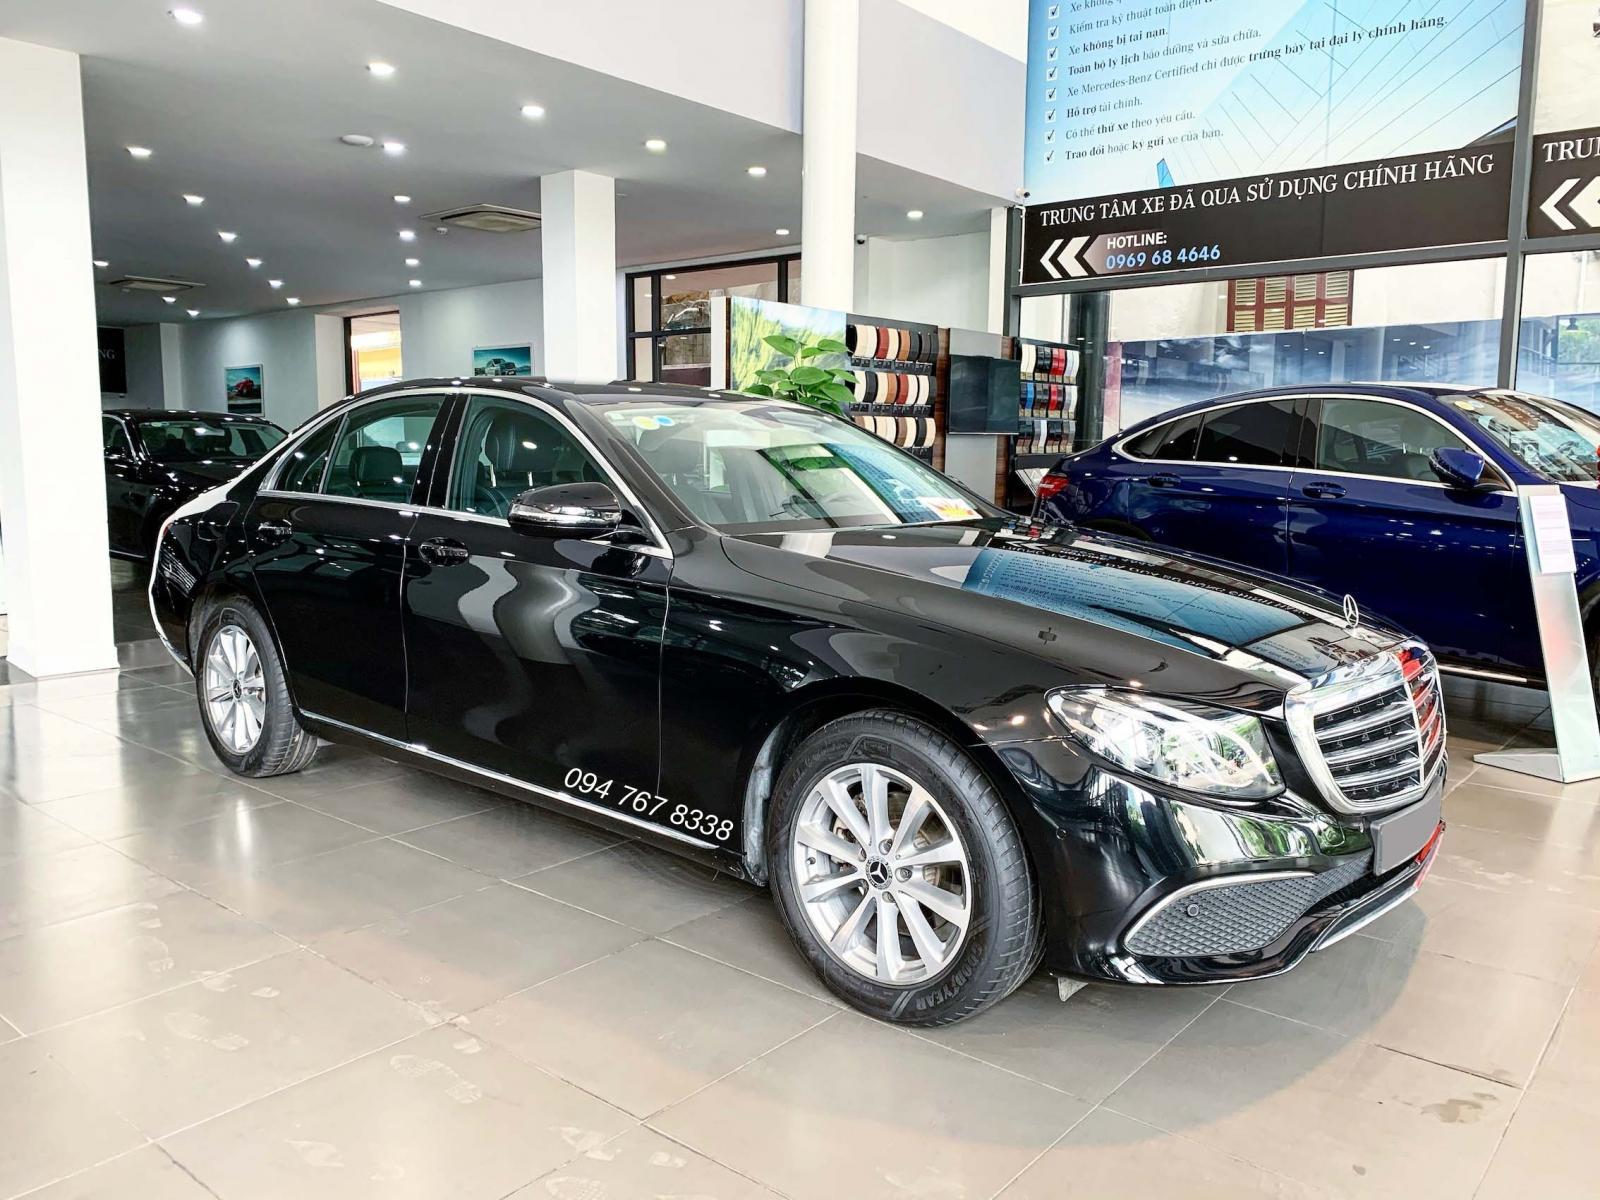 Cần bán Mercedes E200 2019 chính chủ, biển HN, giá cực tốt